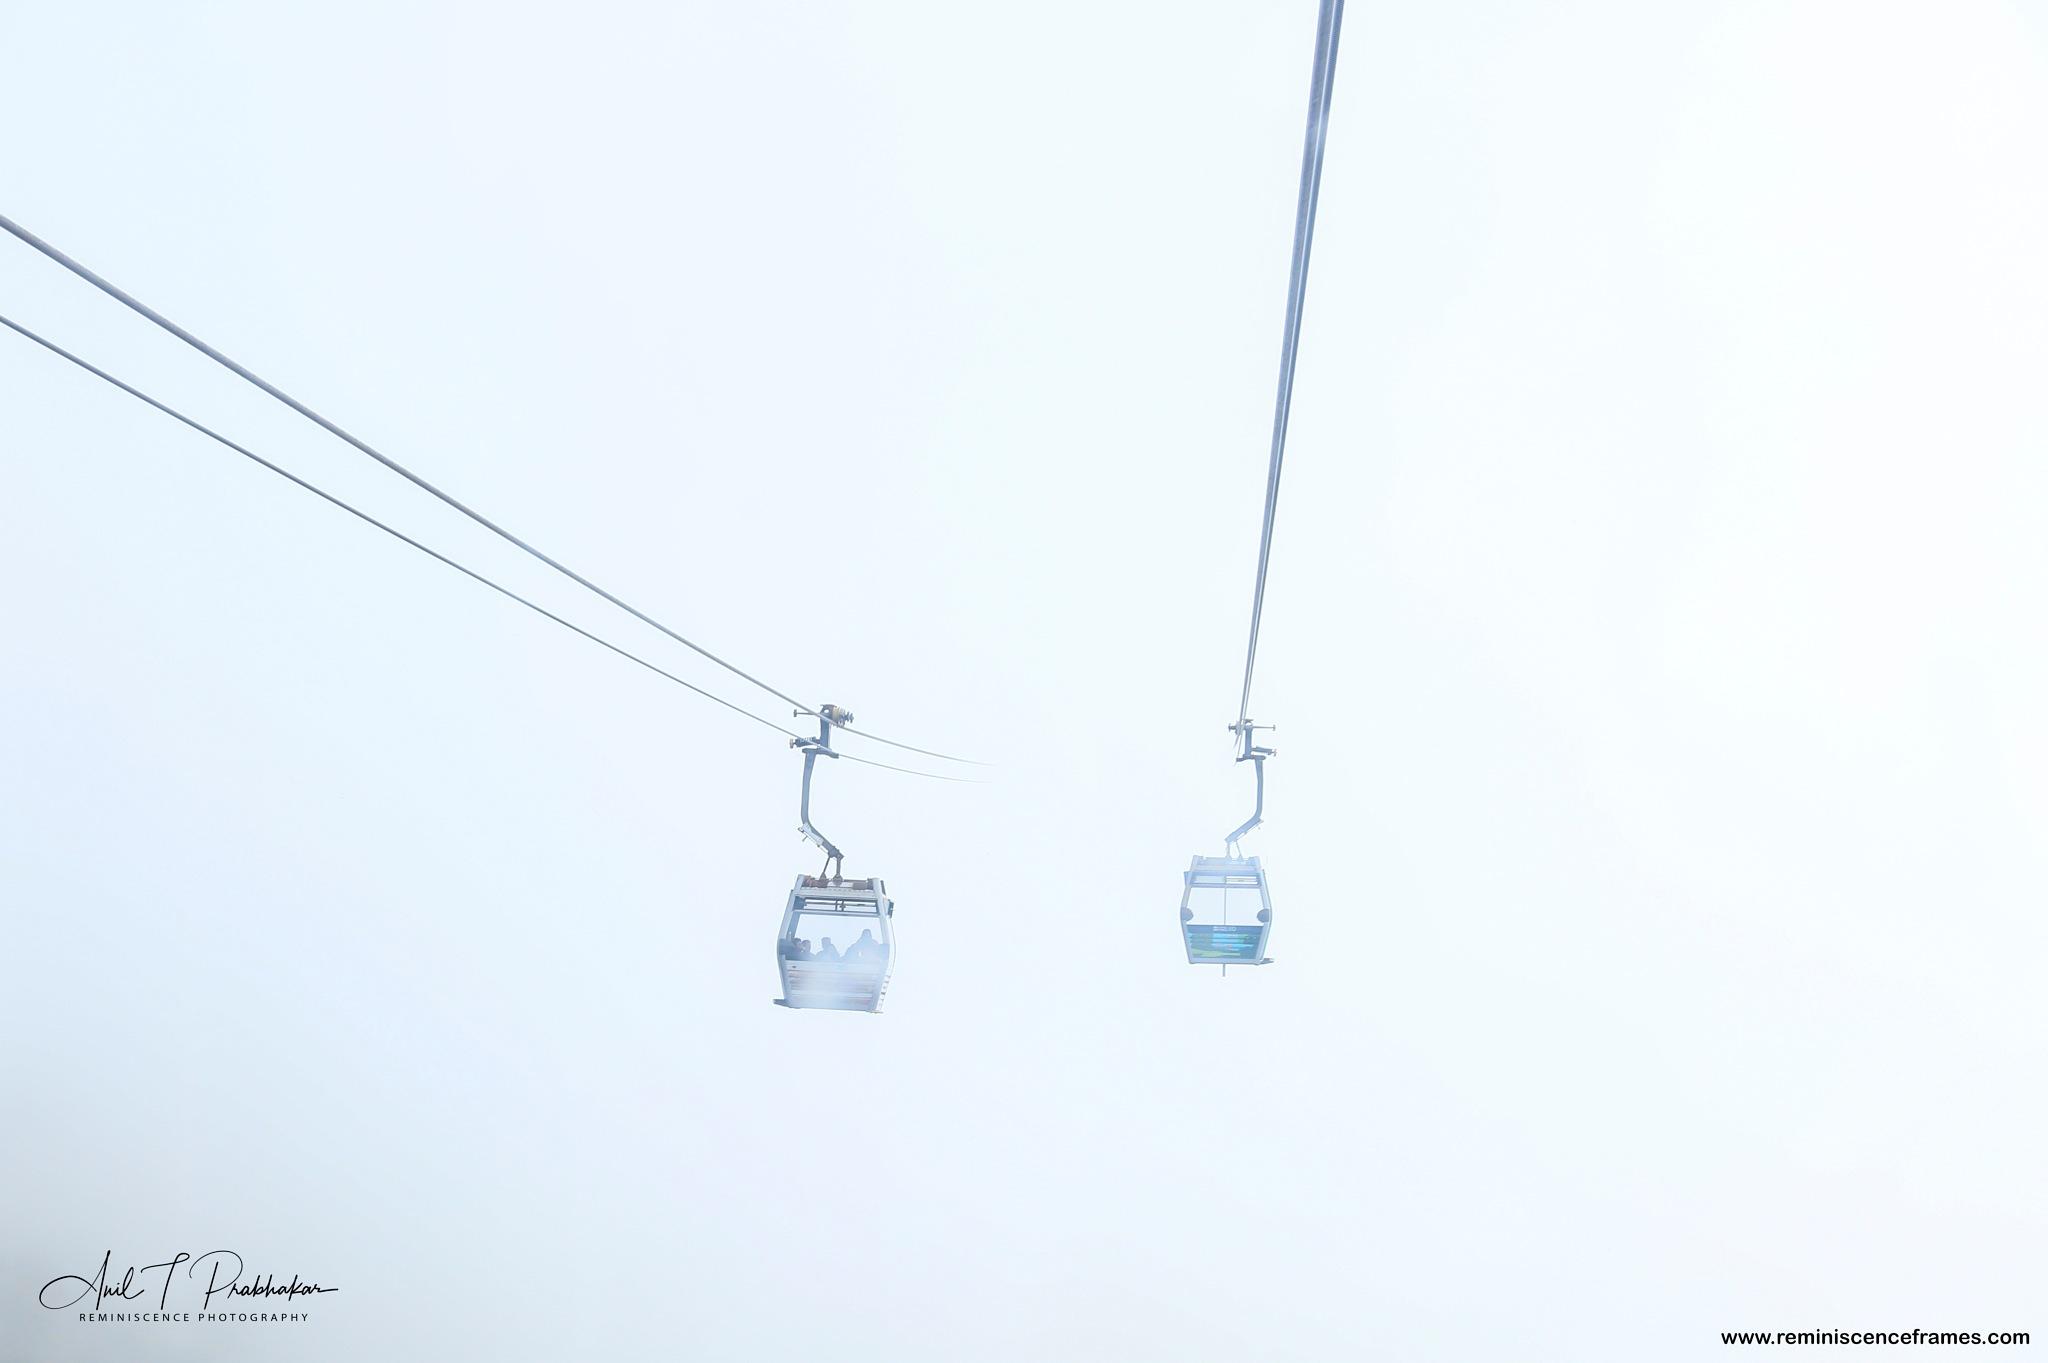 The Cable Car by Anil T Prabhakar